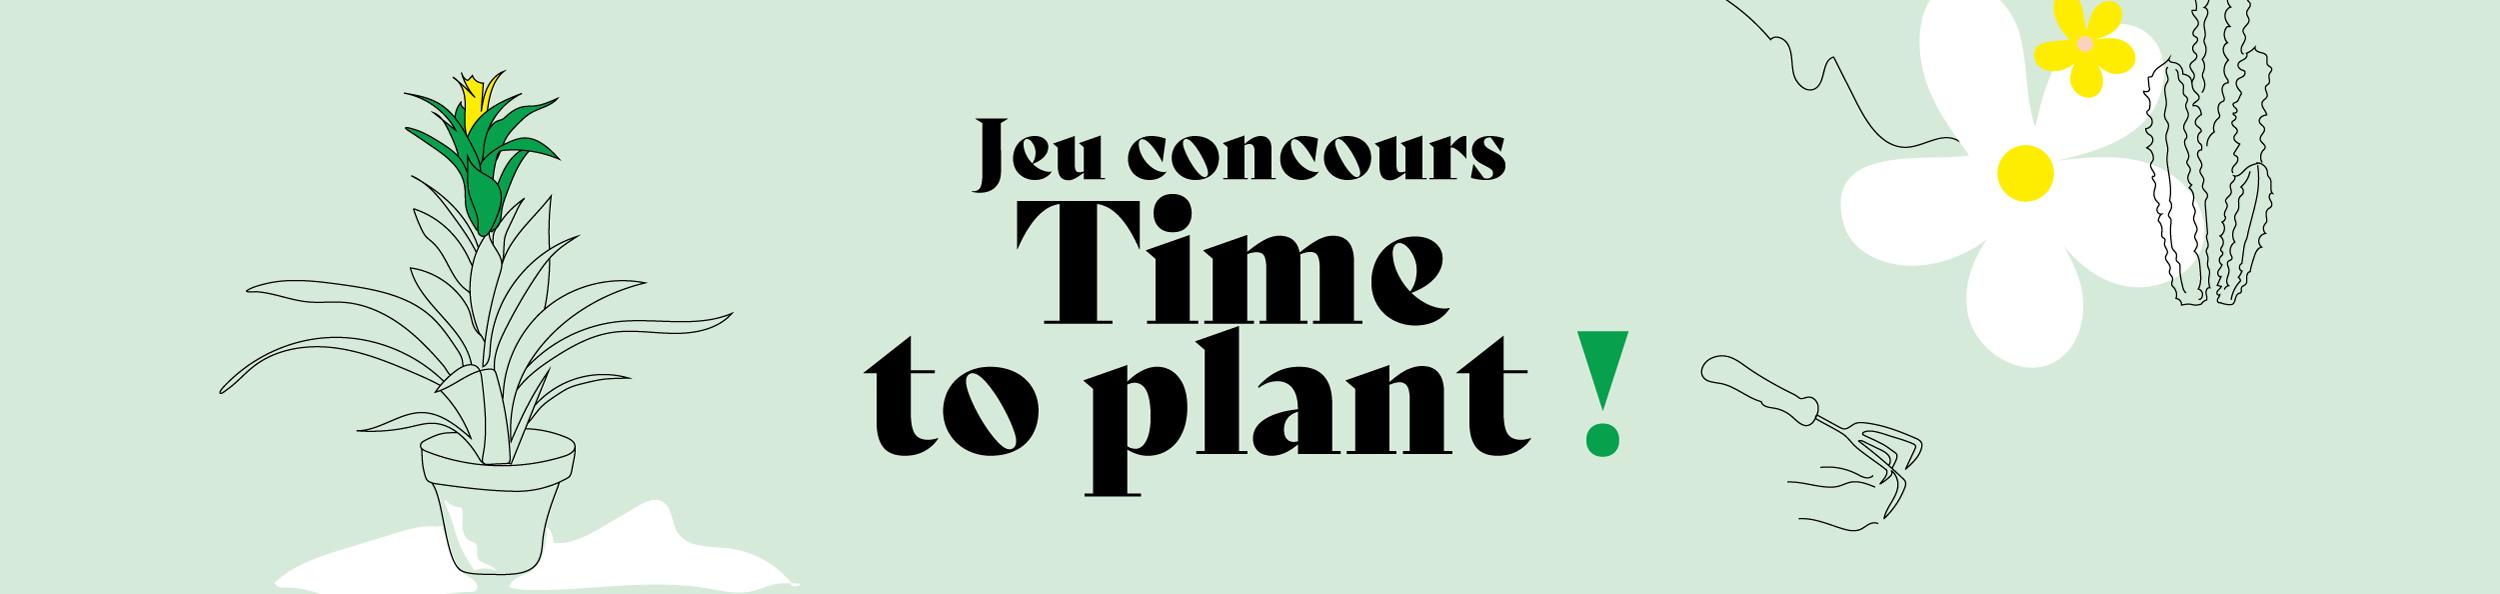 Jeu concours : Atelier jardinage digitalisé avec Morgane / Morganours